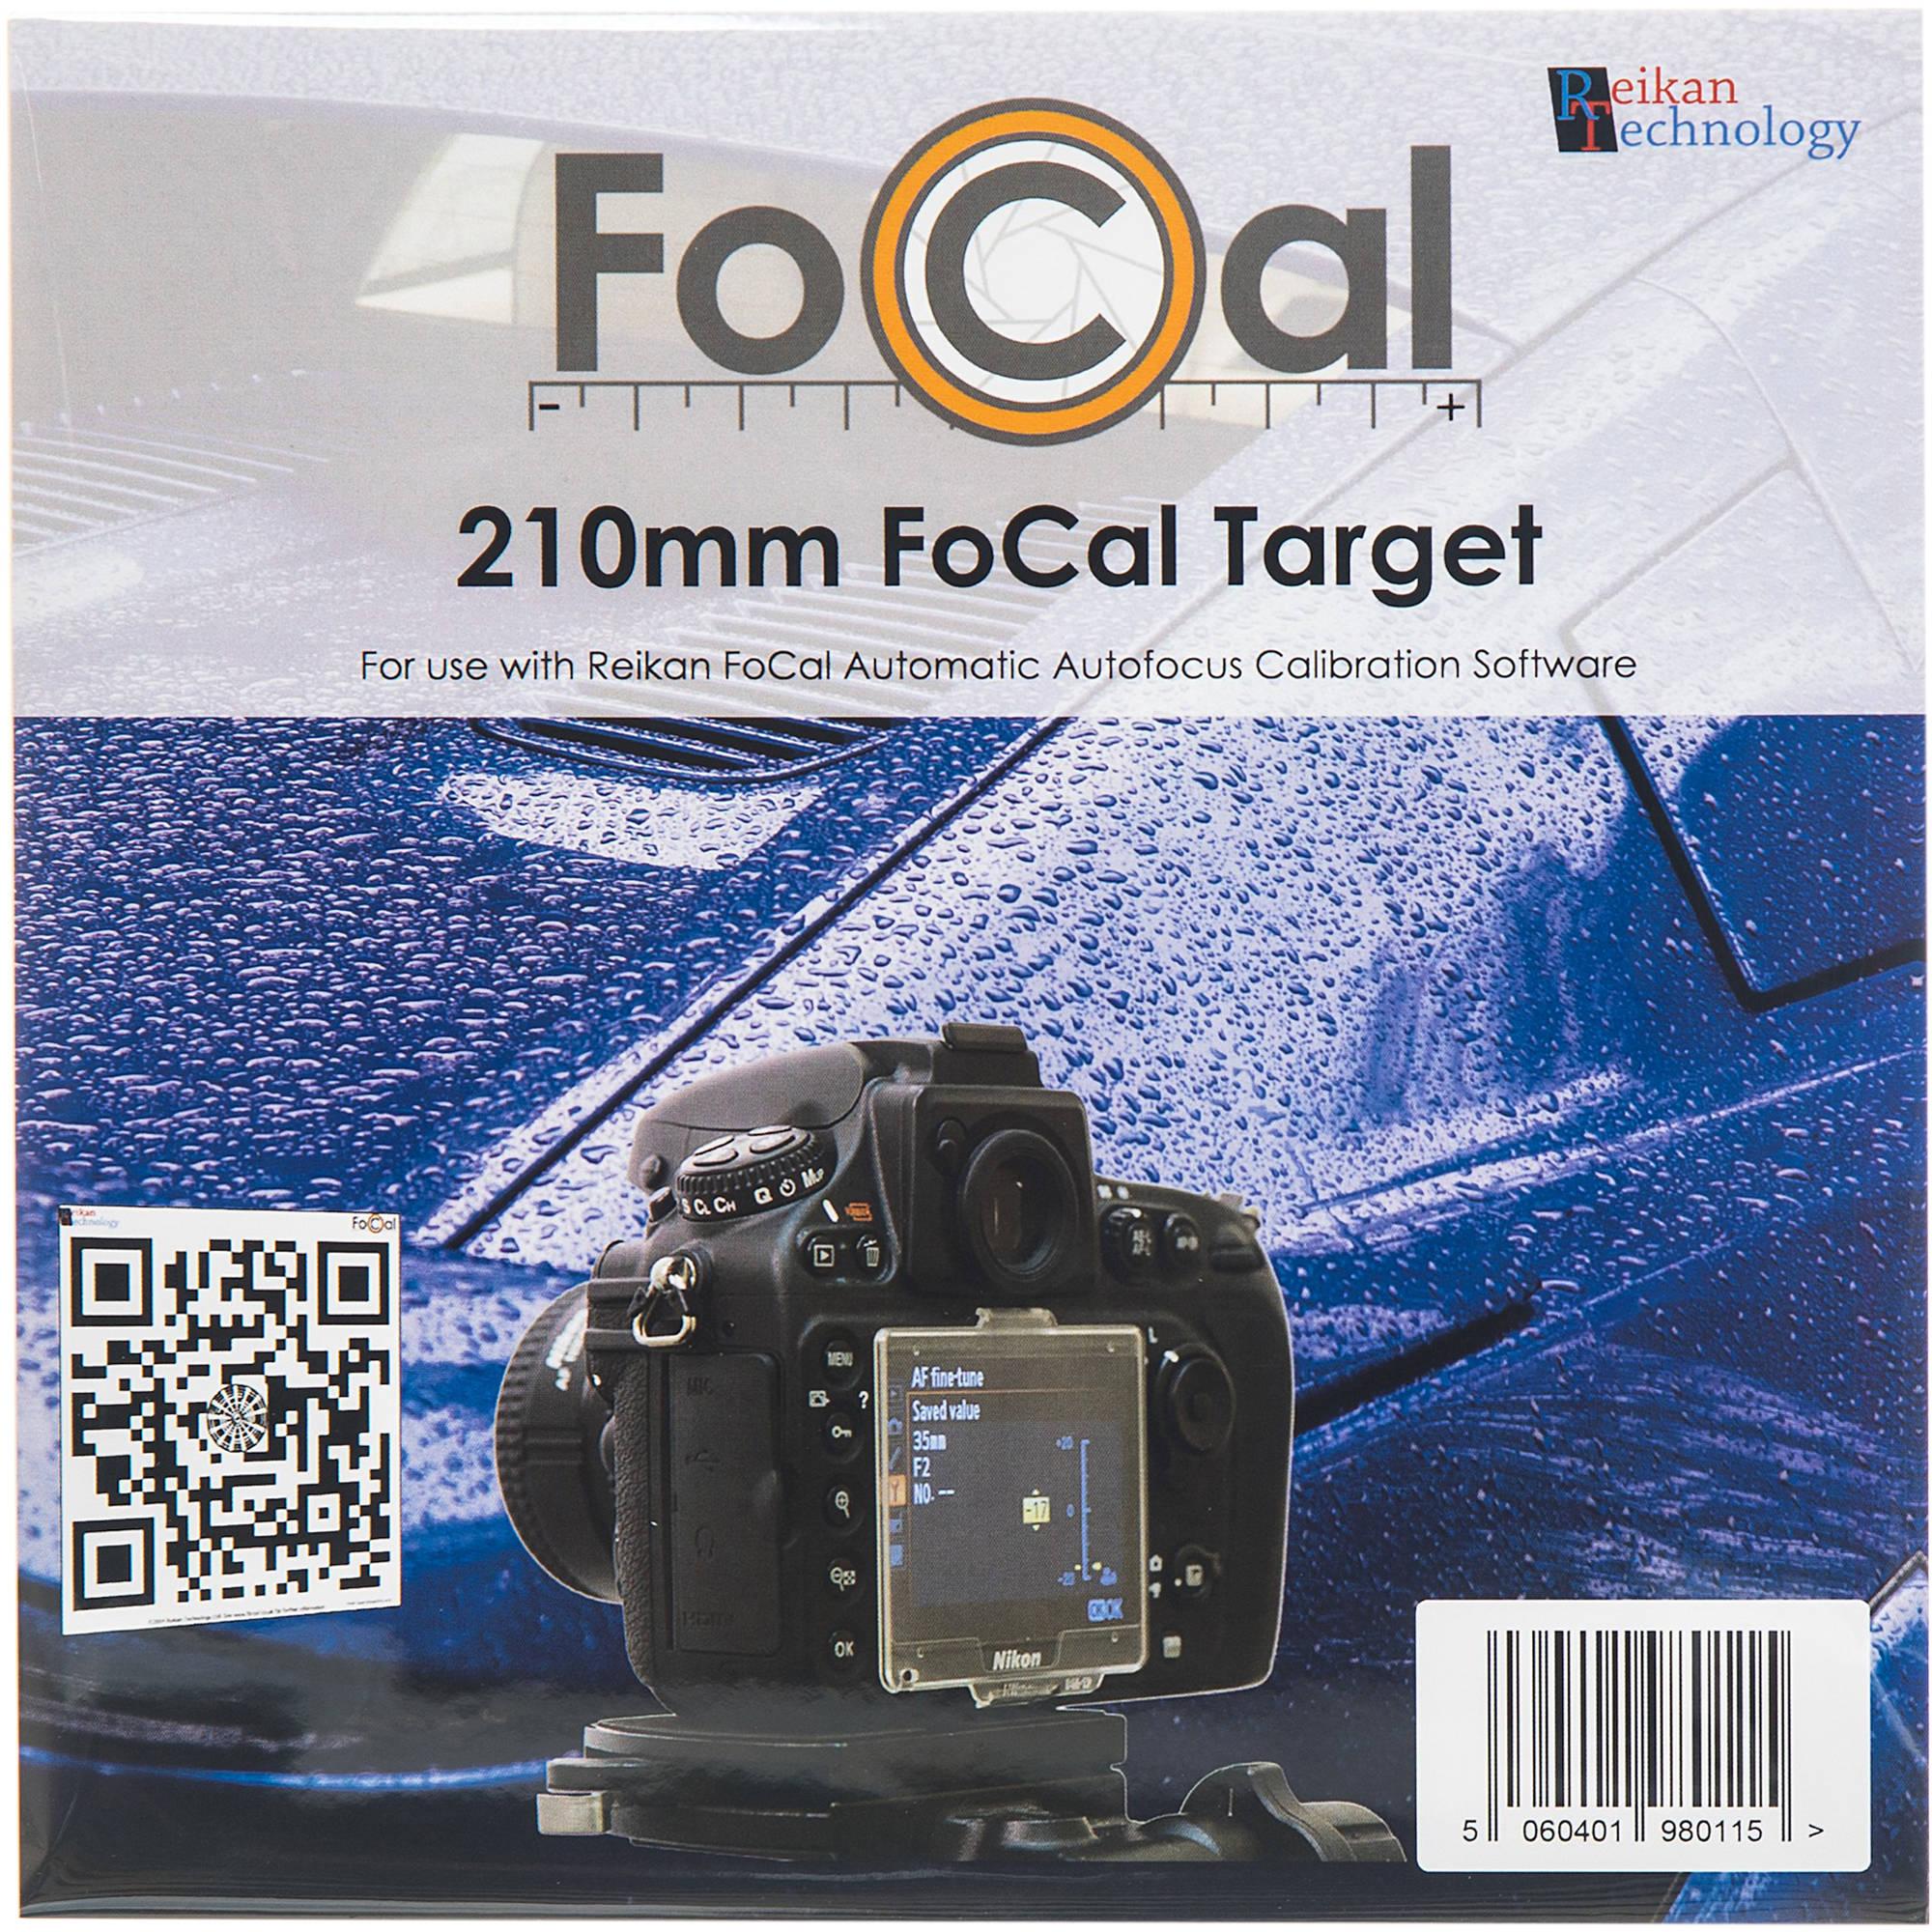 Reikan Focal Focal Large Hard Target 210mm 98011 Bh Photo